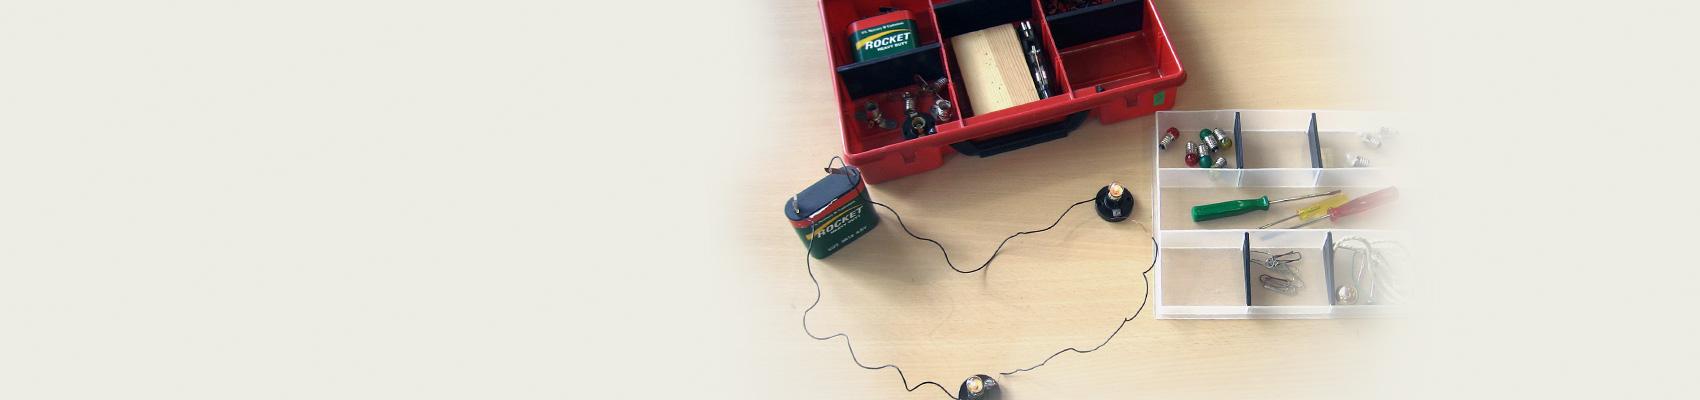 Elektrischer Strom – Experimentierkasten mit Versuchskartei